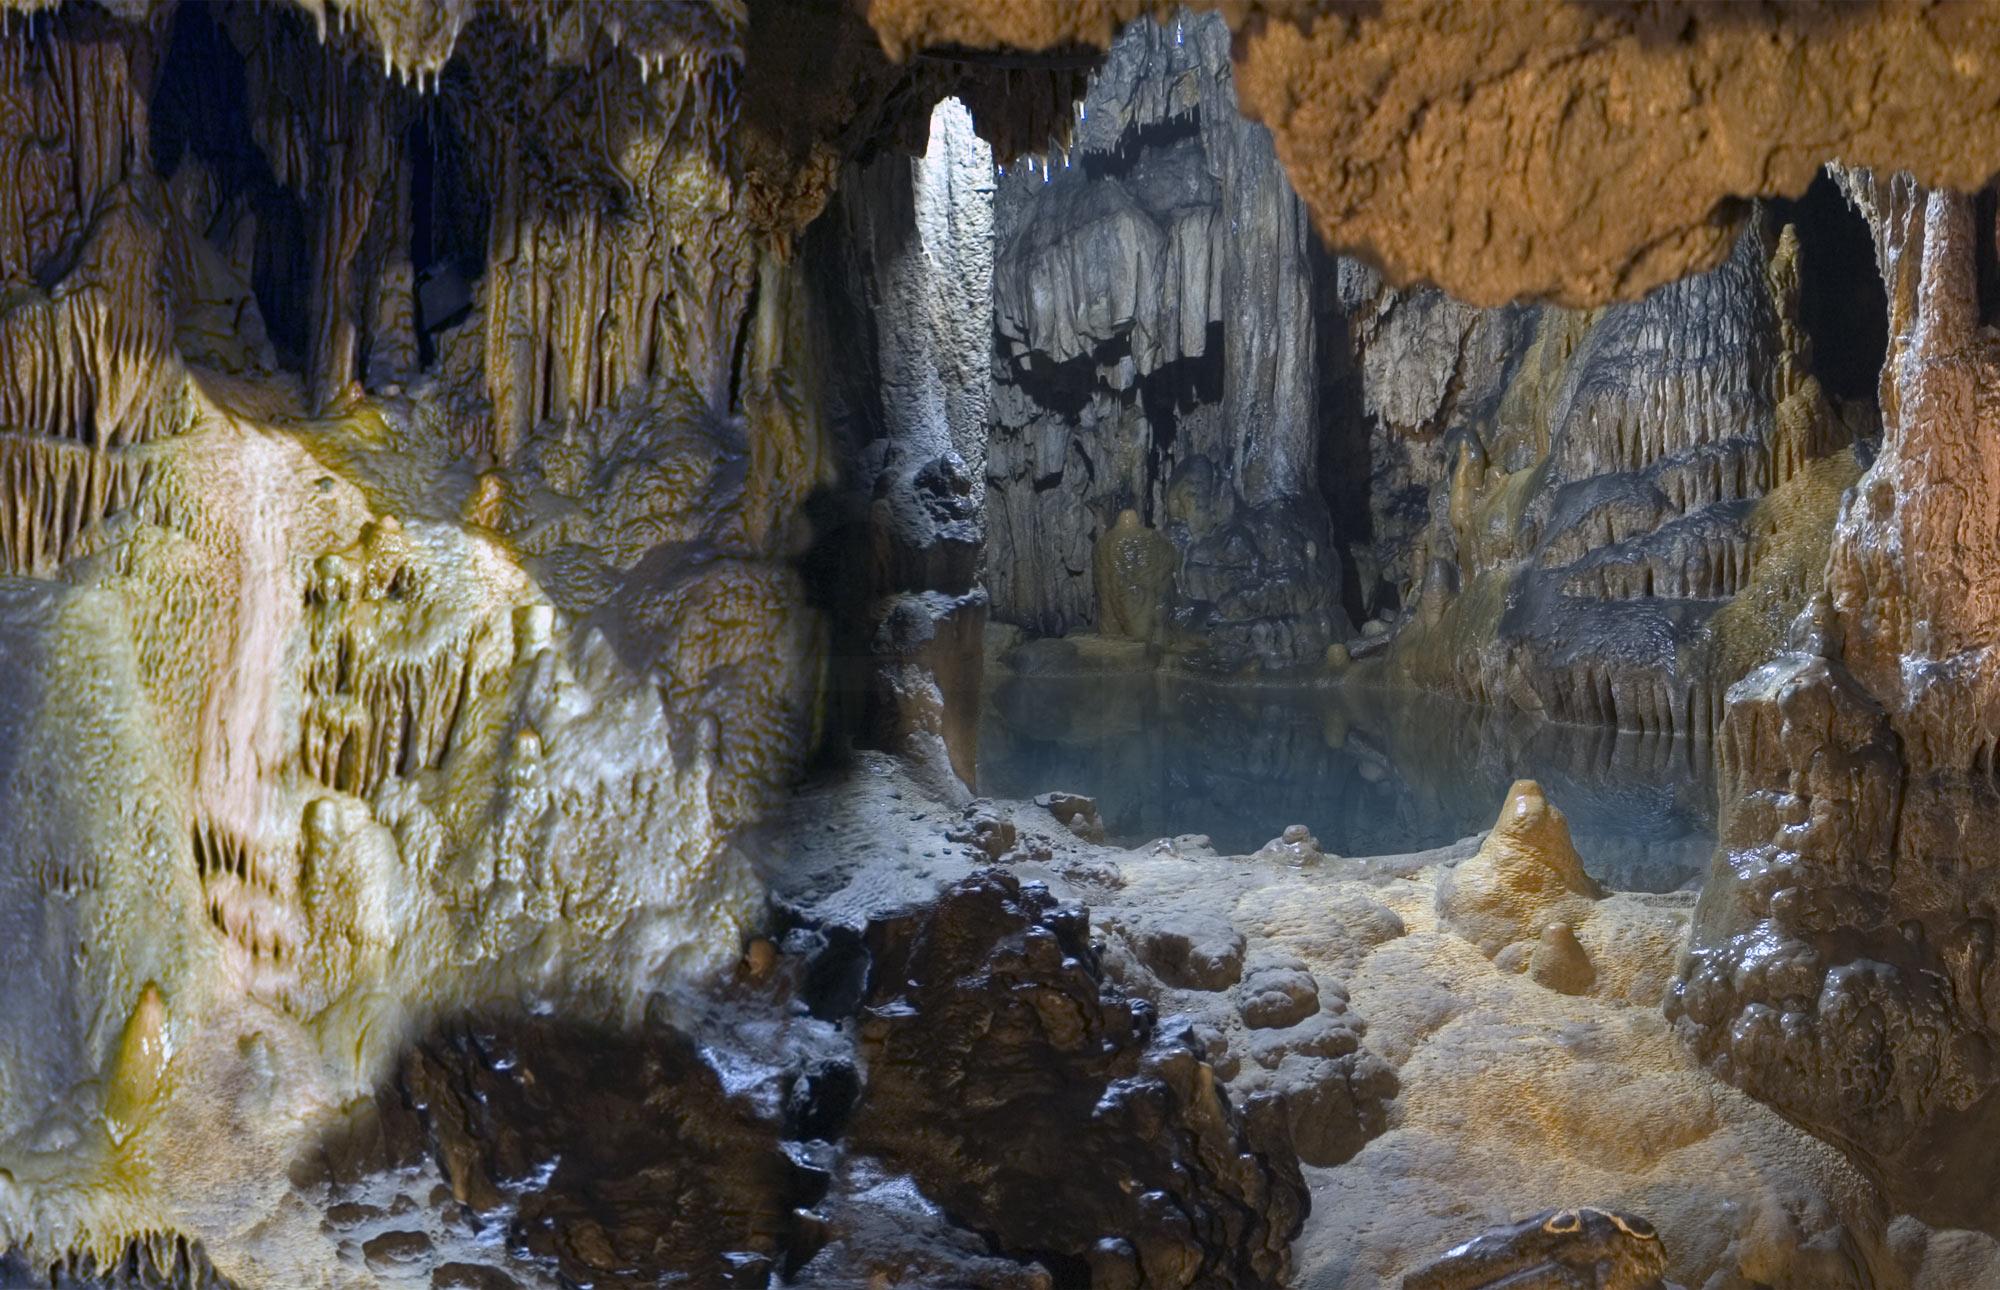 Σταλακτίτες σπηλαίου